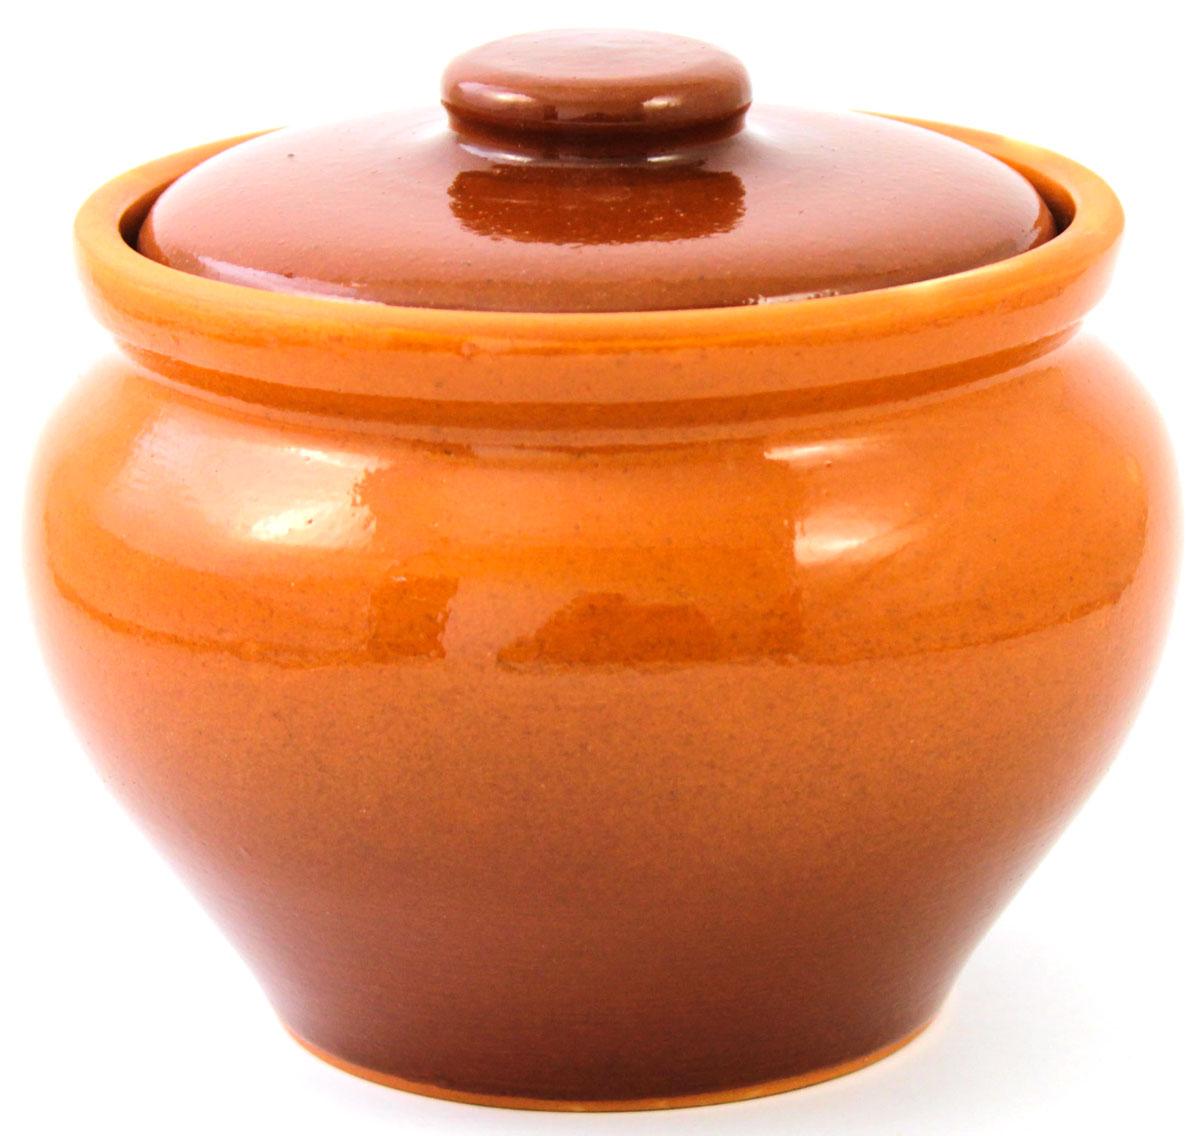 Горшок для запекания Ломоносовская керамика, с крышкой, цвет: коричневый, 800 мл54 009312Горшок для запекания Ломоносовская керамика с крышкой выполнен из высококачественной глины. Уникальные свойства глины и толстые стенки изделия обеспечивают эффект русской печи при приготовлении блюд. Блюда, приготовленные в керамическом горшке, получаются нежными исочными. Вы сможете приготовить мясо, сделать томленые овощи и все это без капли масла. Этоодин из самых здоровых способов готовки.